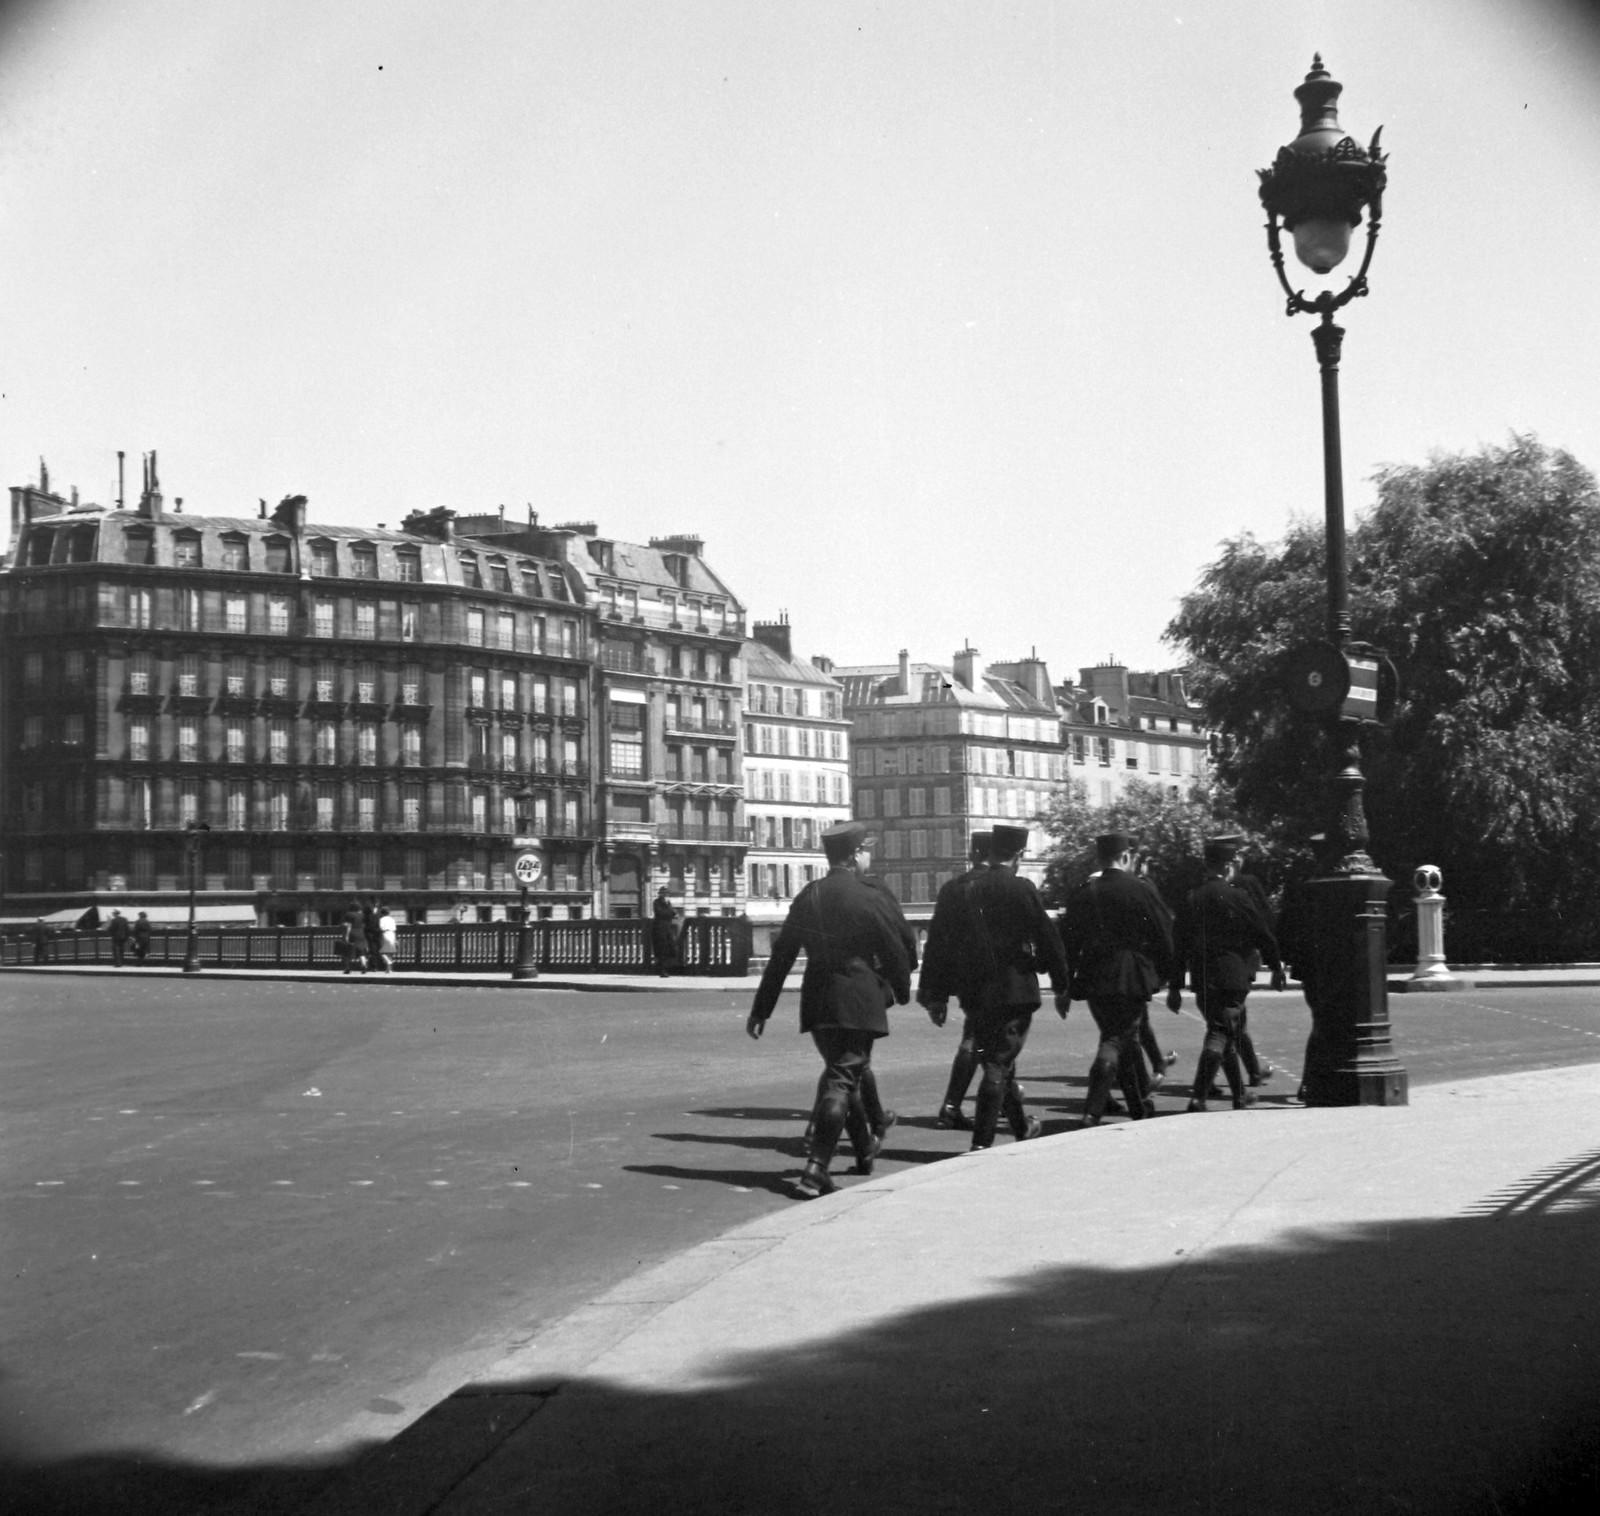 1939. Иль-де-ла-Сите, слева от моста Сент-Луис